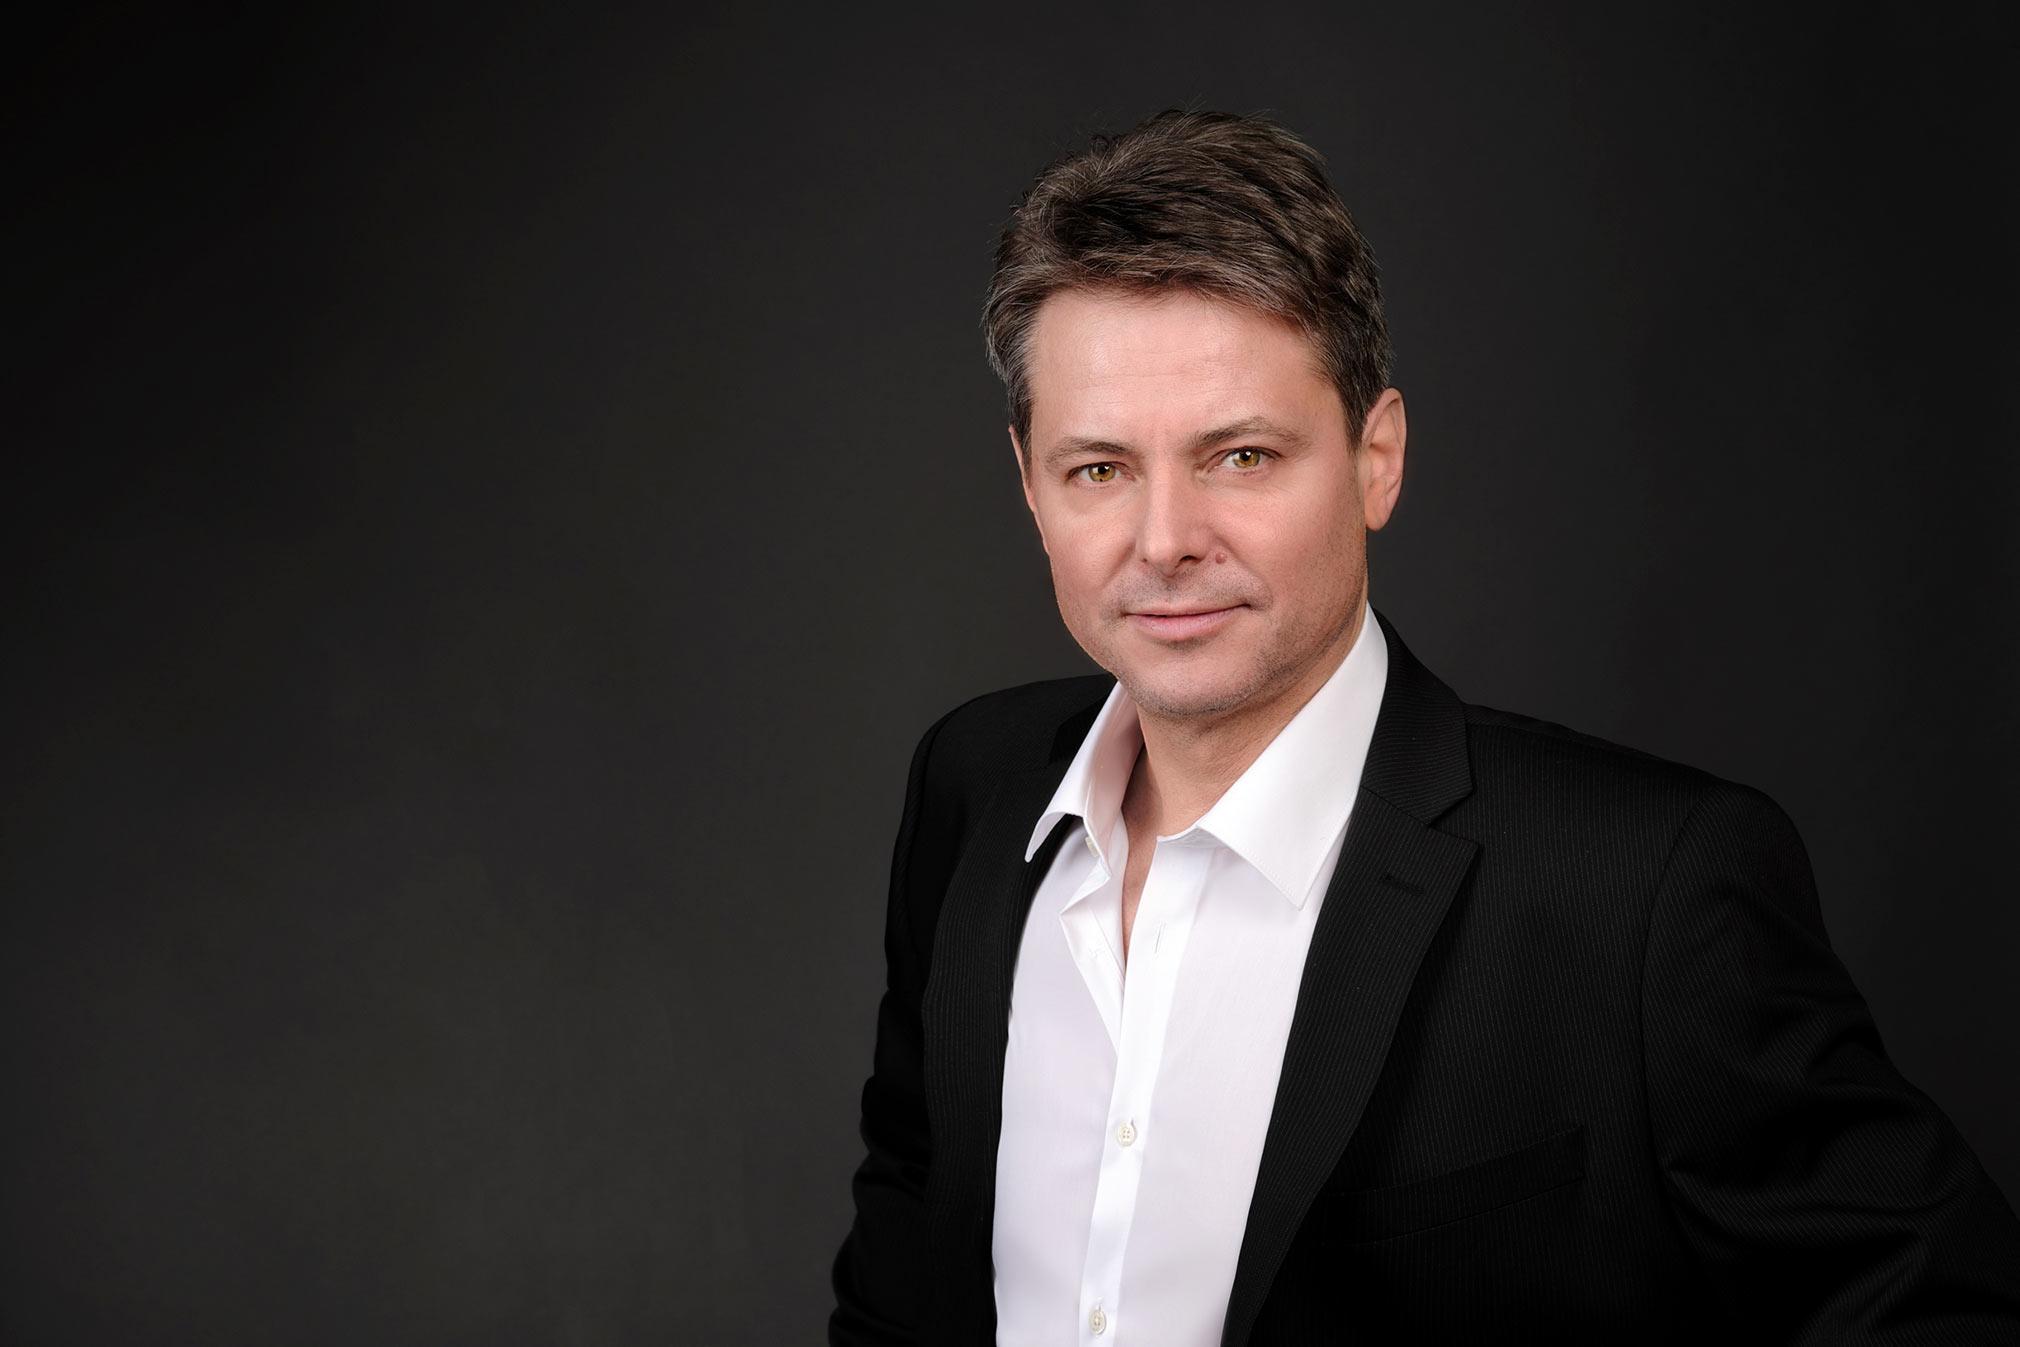 Das Bild zeigt ein Businessfoto eines Mannes im Halbprofil gekleidet mit einem weißem Hemd und schwarzem Sakko